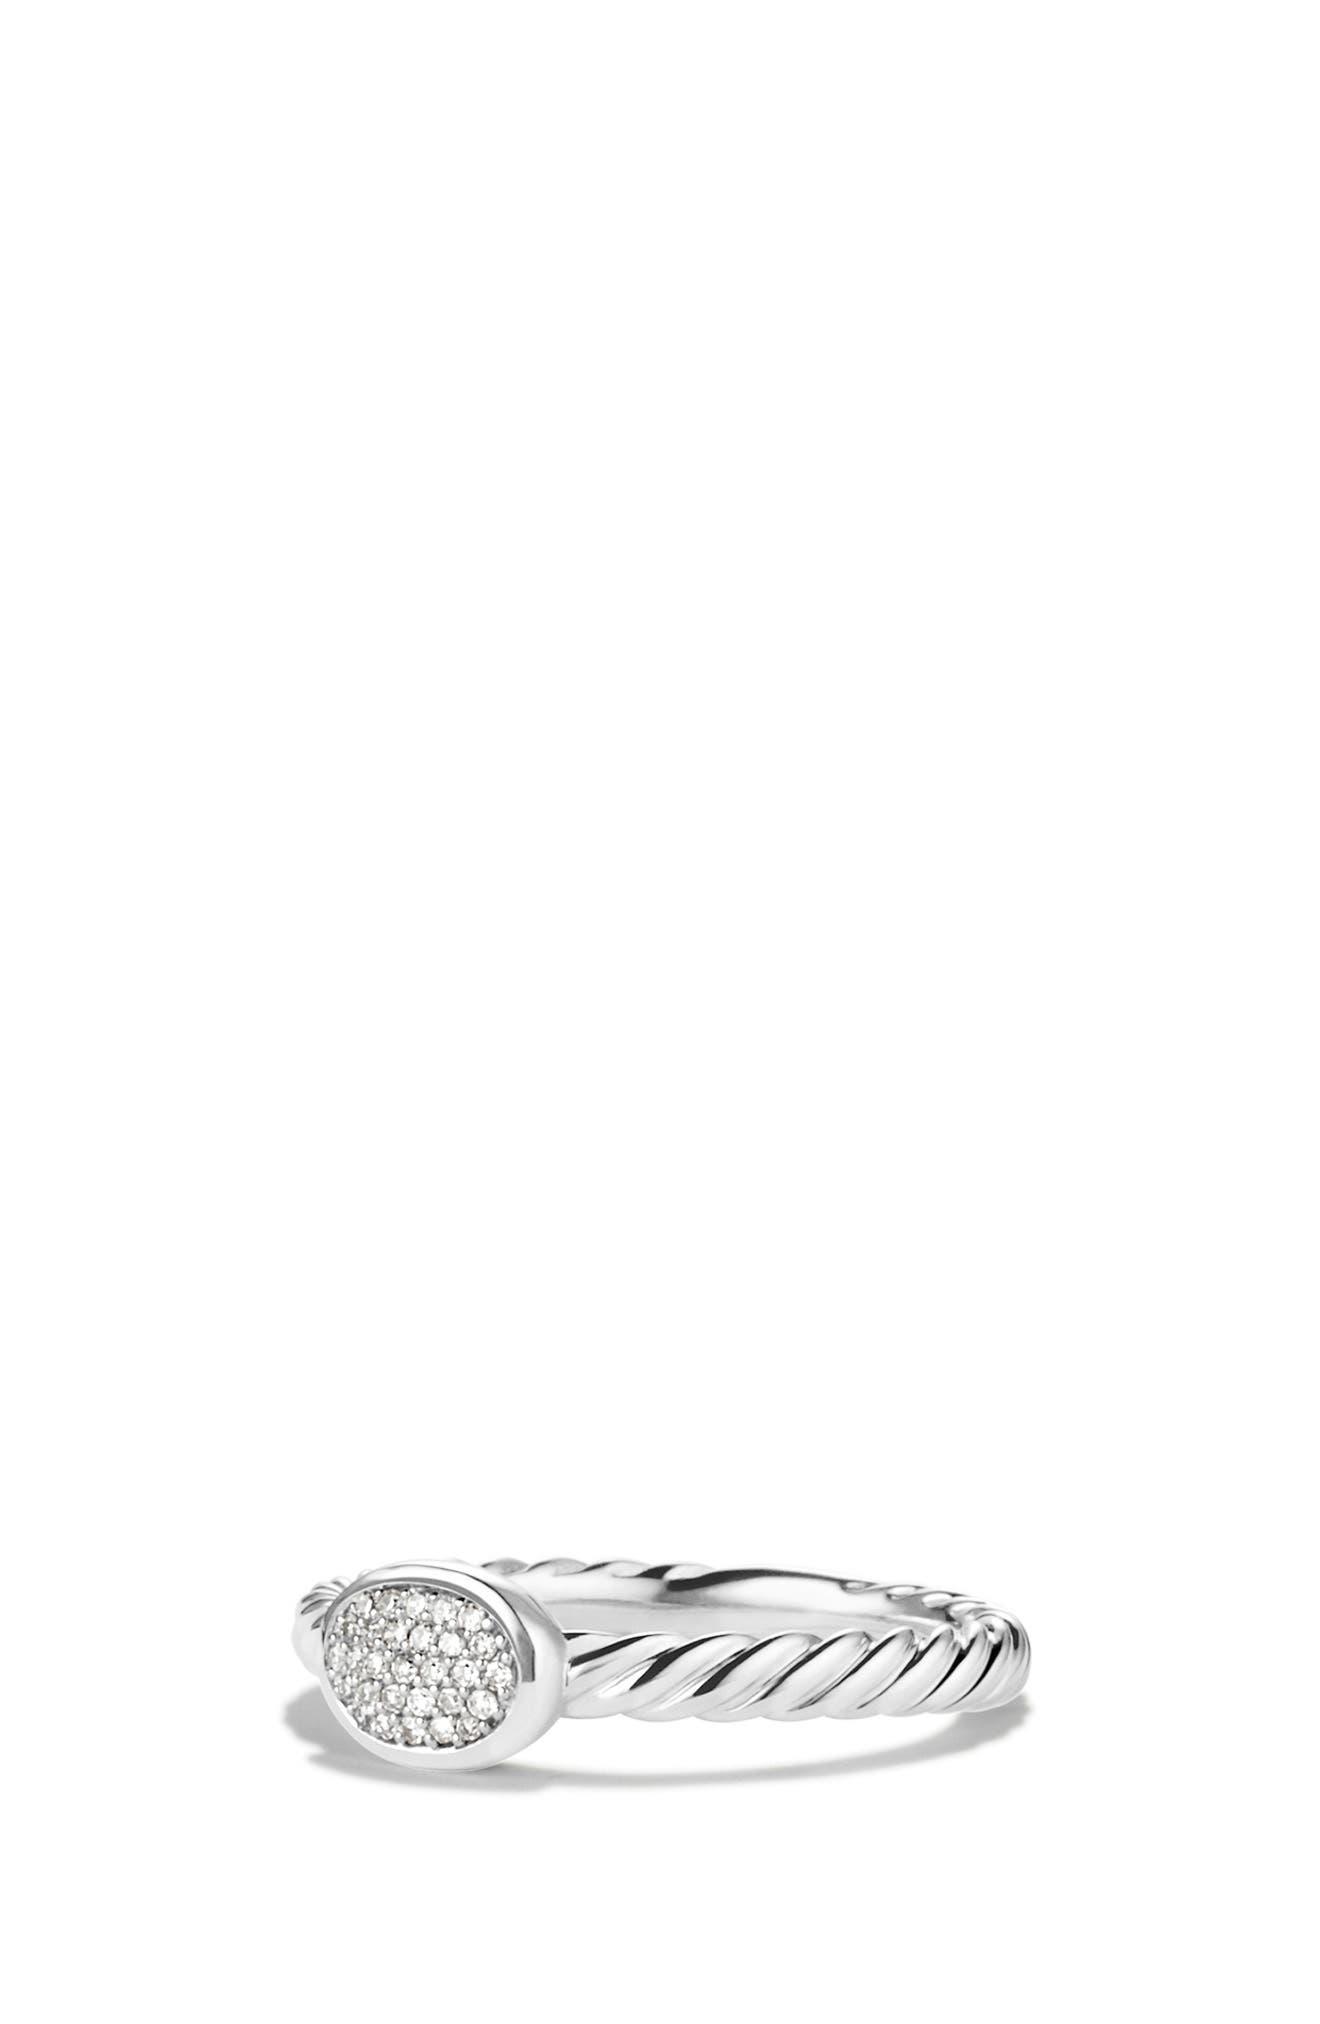 David Yurman Petite Pavé Oval Ring with Diamonds